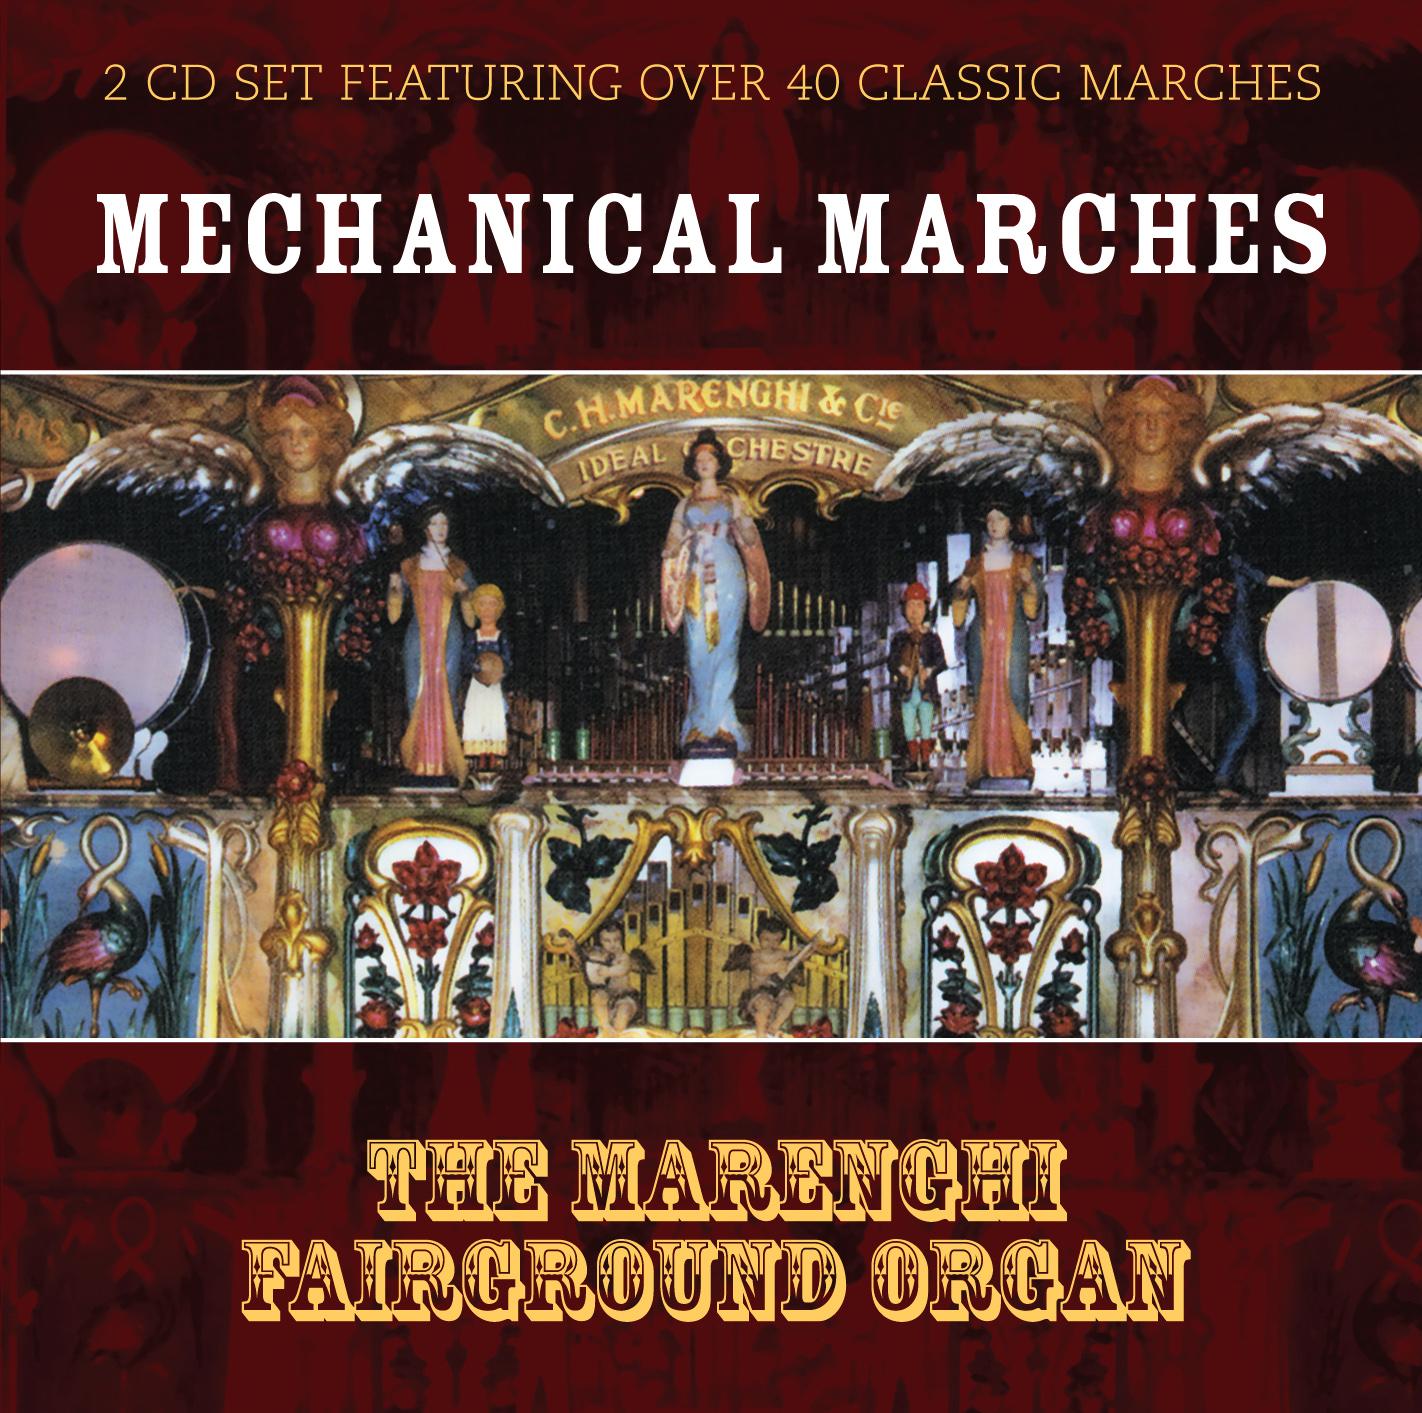 The Marenghi Fairground Organ